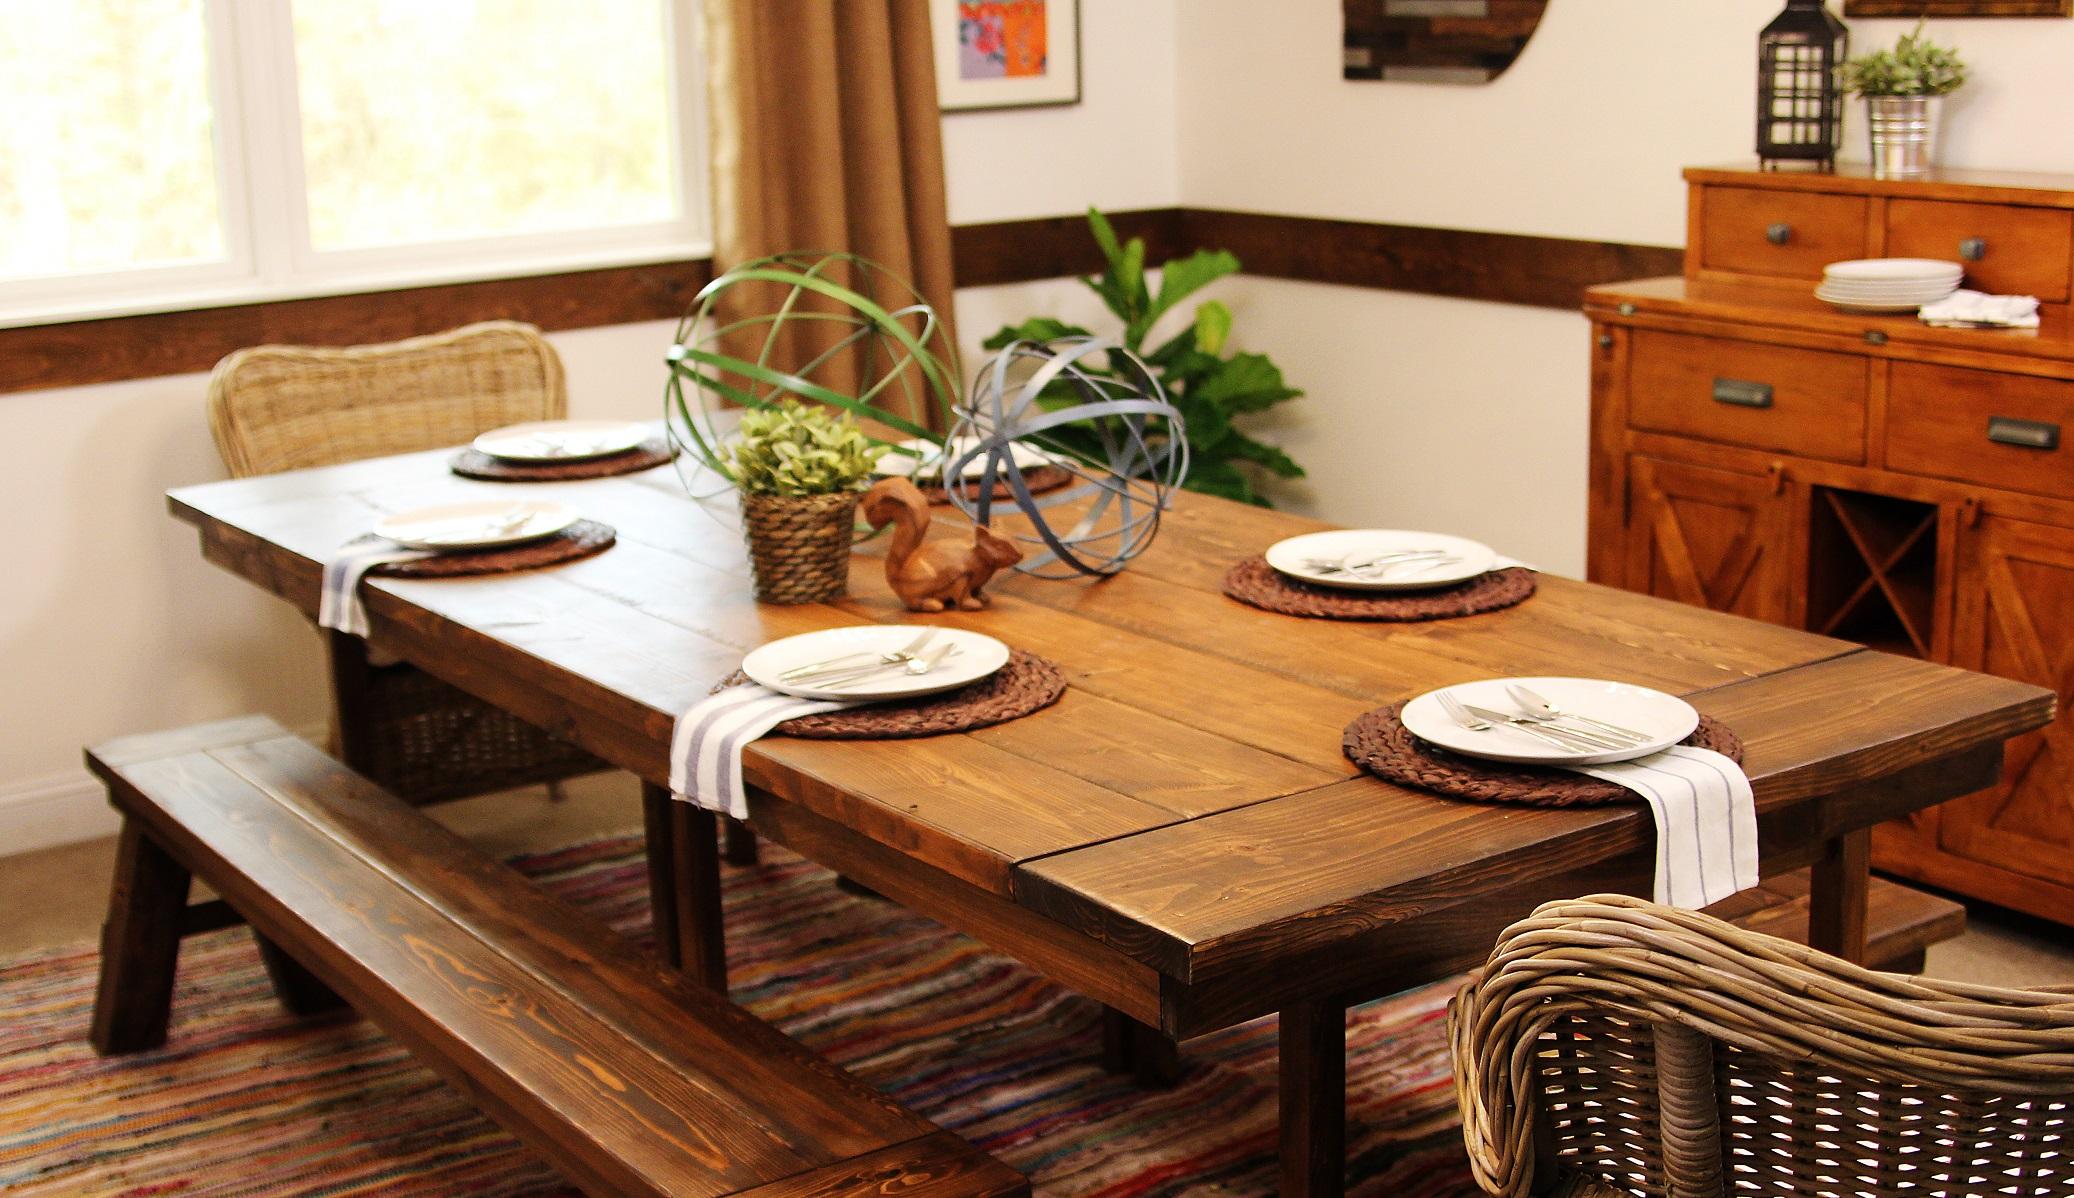 5. Ingo Table